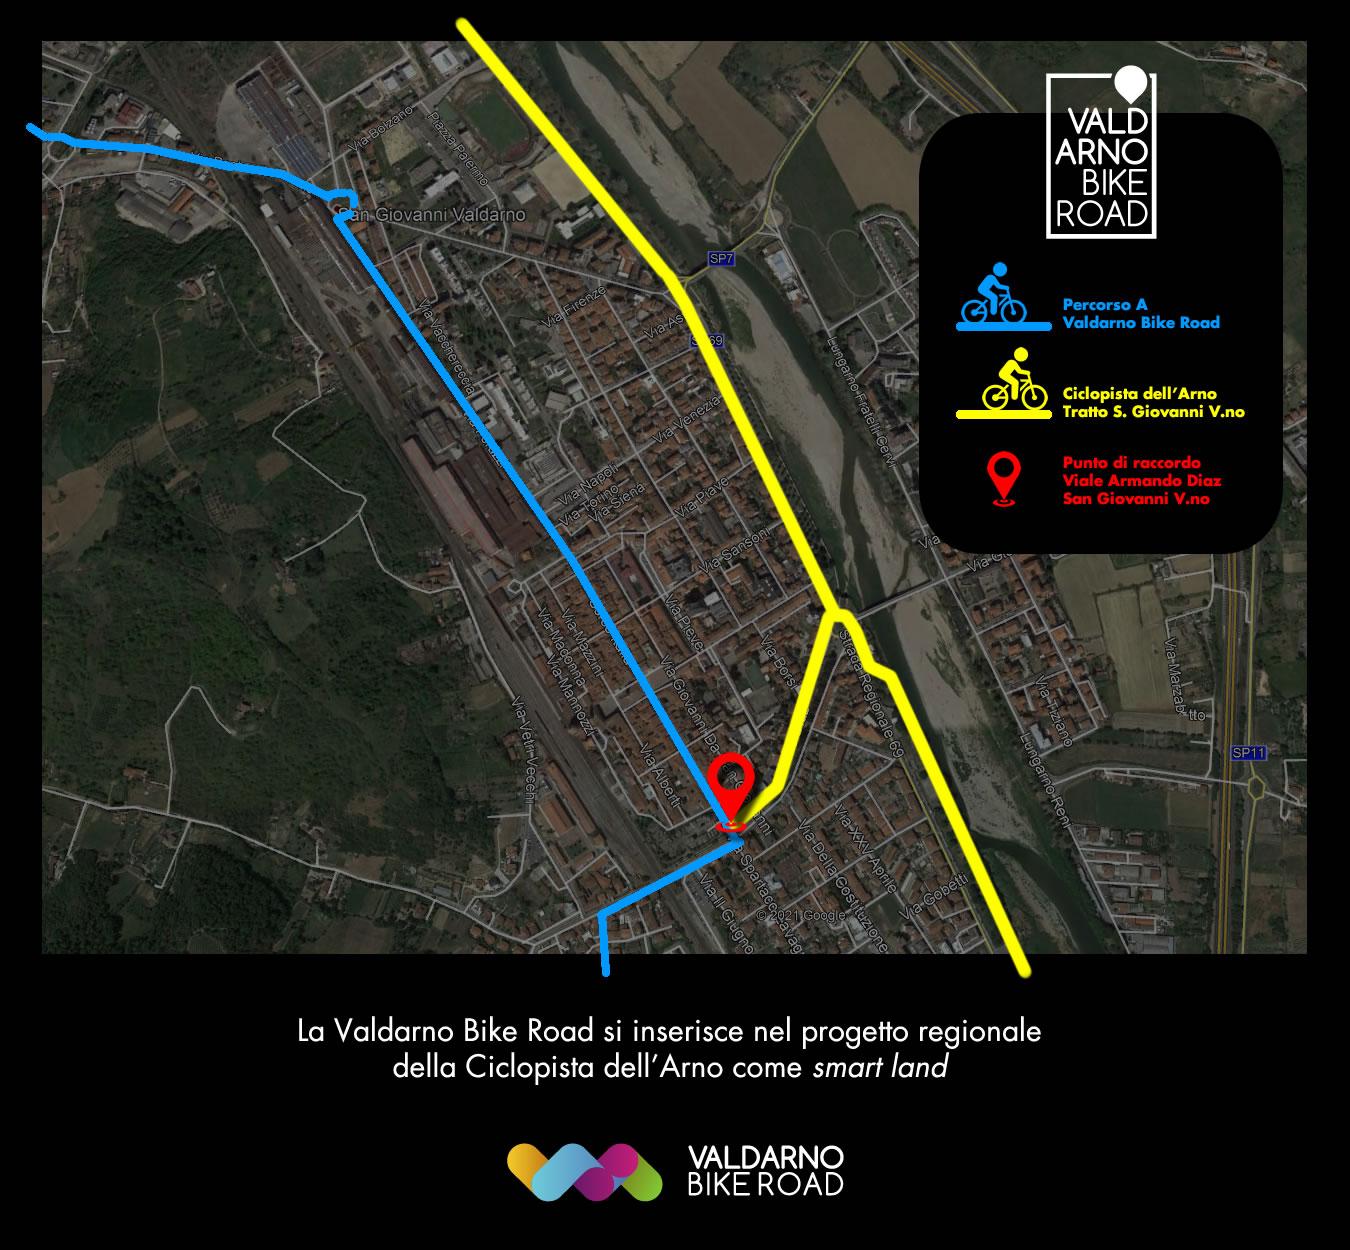 ciclopista-dell-arno-collegamento-valdarno-bike-road